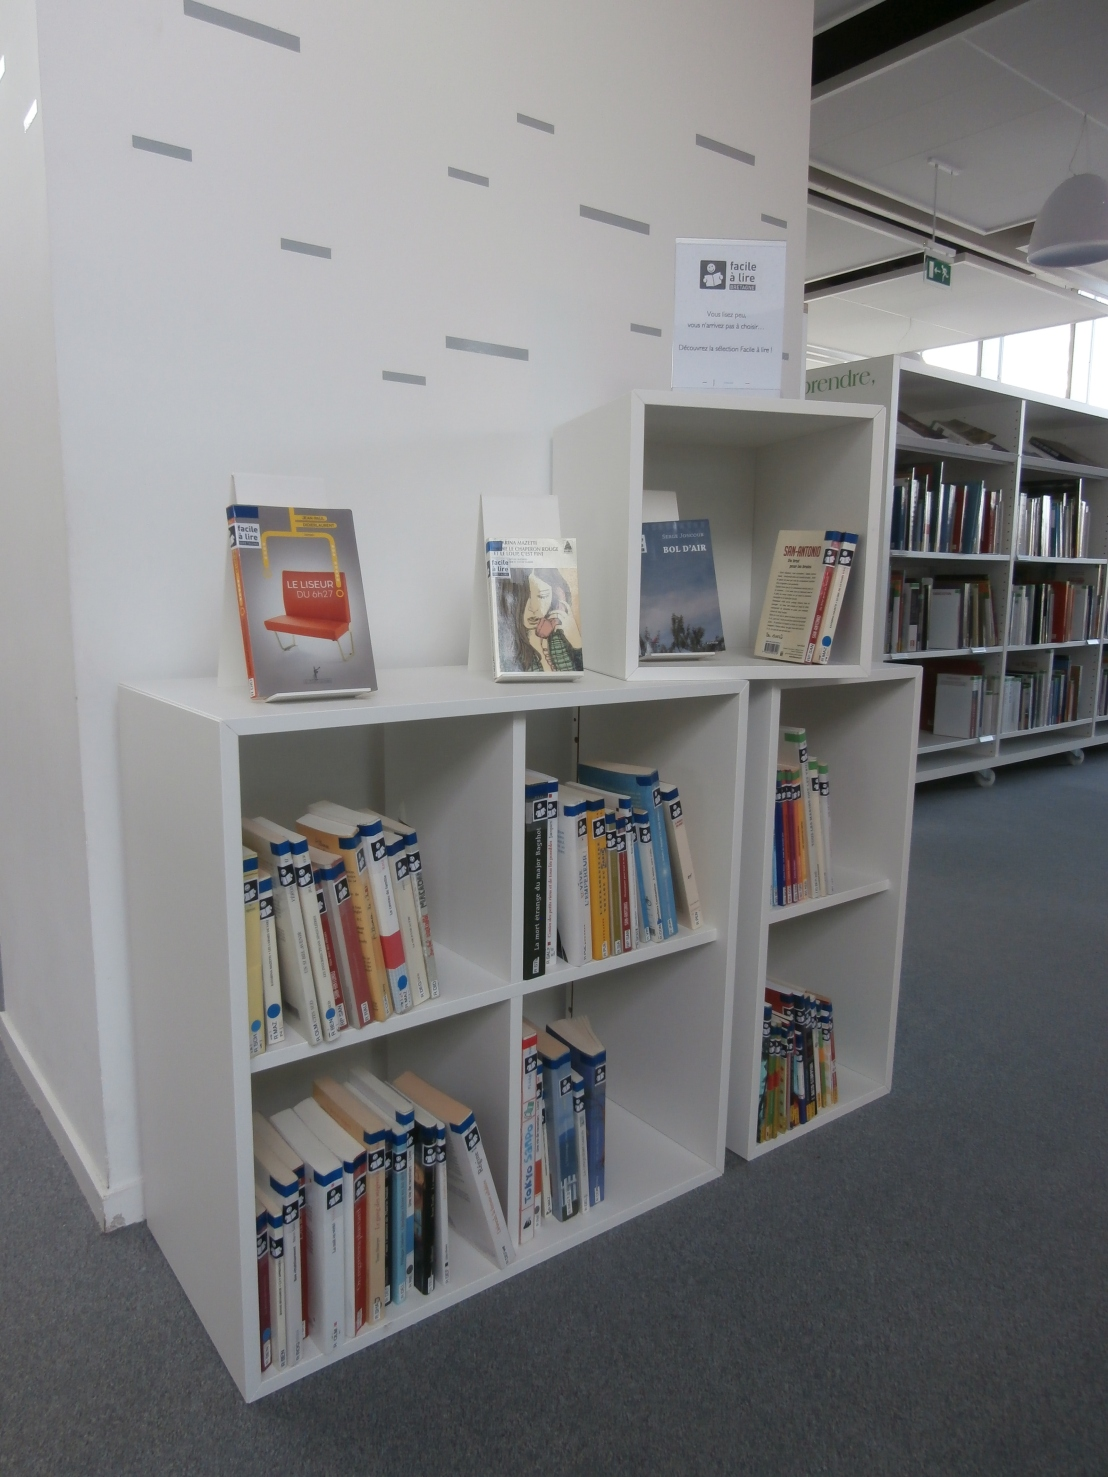 Nouvel espace «Facile à lire» auRelecq-Kerhuon